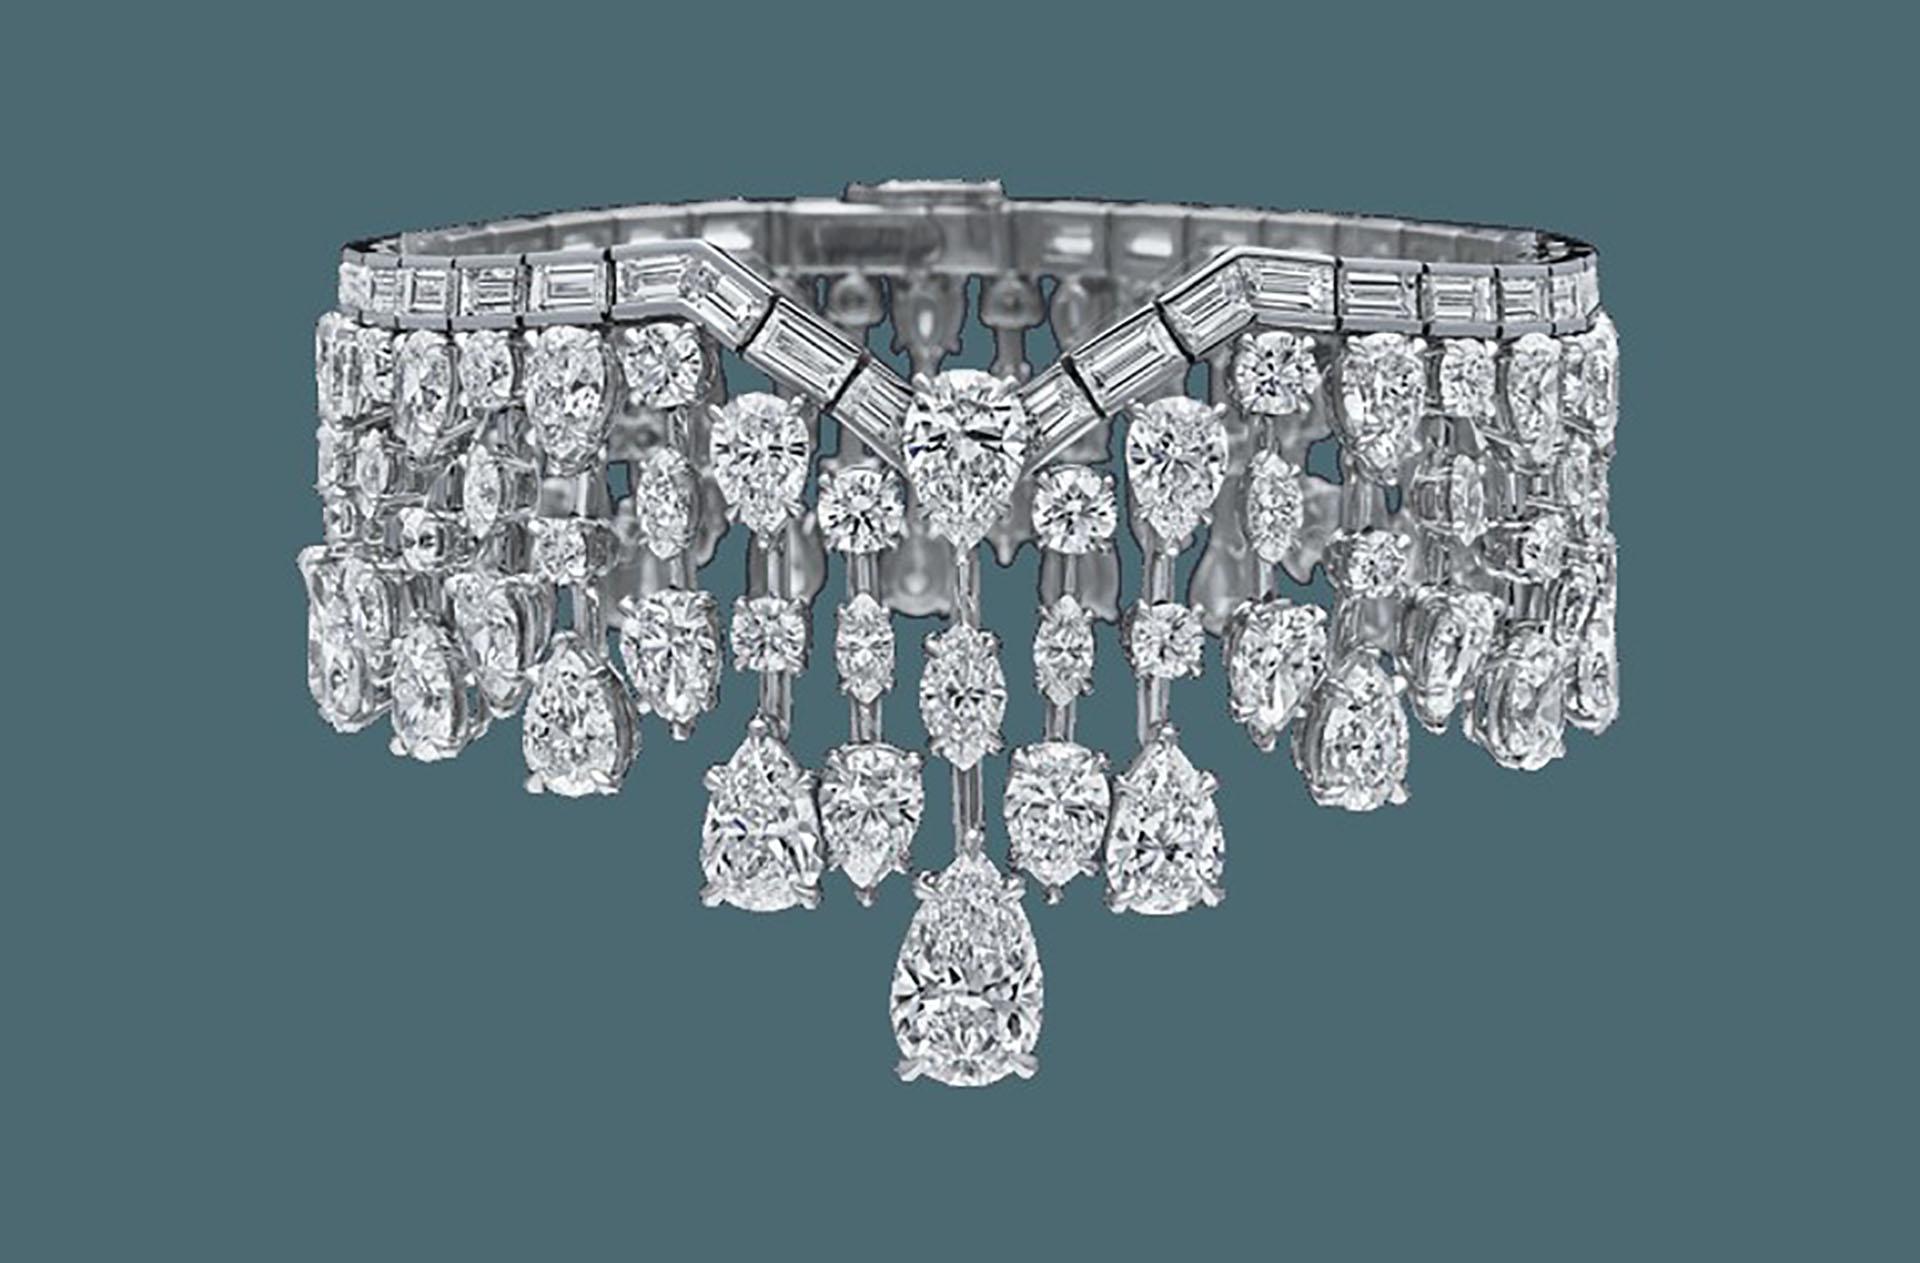 Como complemento, el brazalete de Mrs. Winston by Harry Winston forma parte de la familia creada en honor de Edna. Esta joya cuenta con 166 diamantes baguette, marquesa, pera y redondo incrustados en platino, pesando en total unos 45 quilates (Harry Winston)